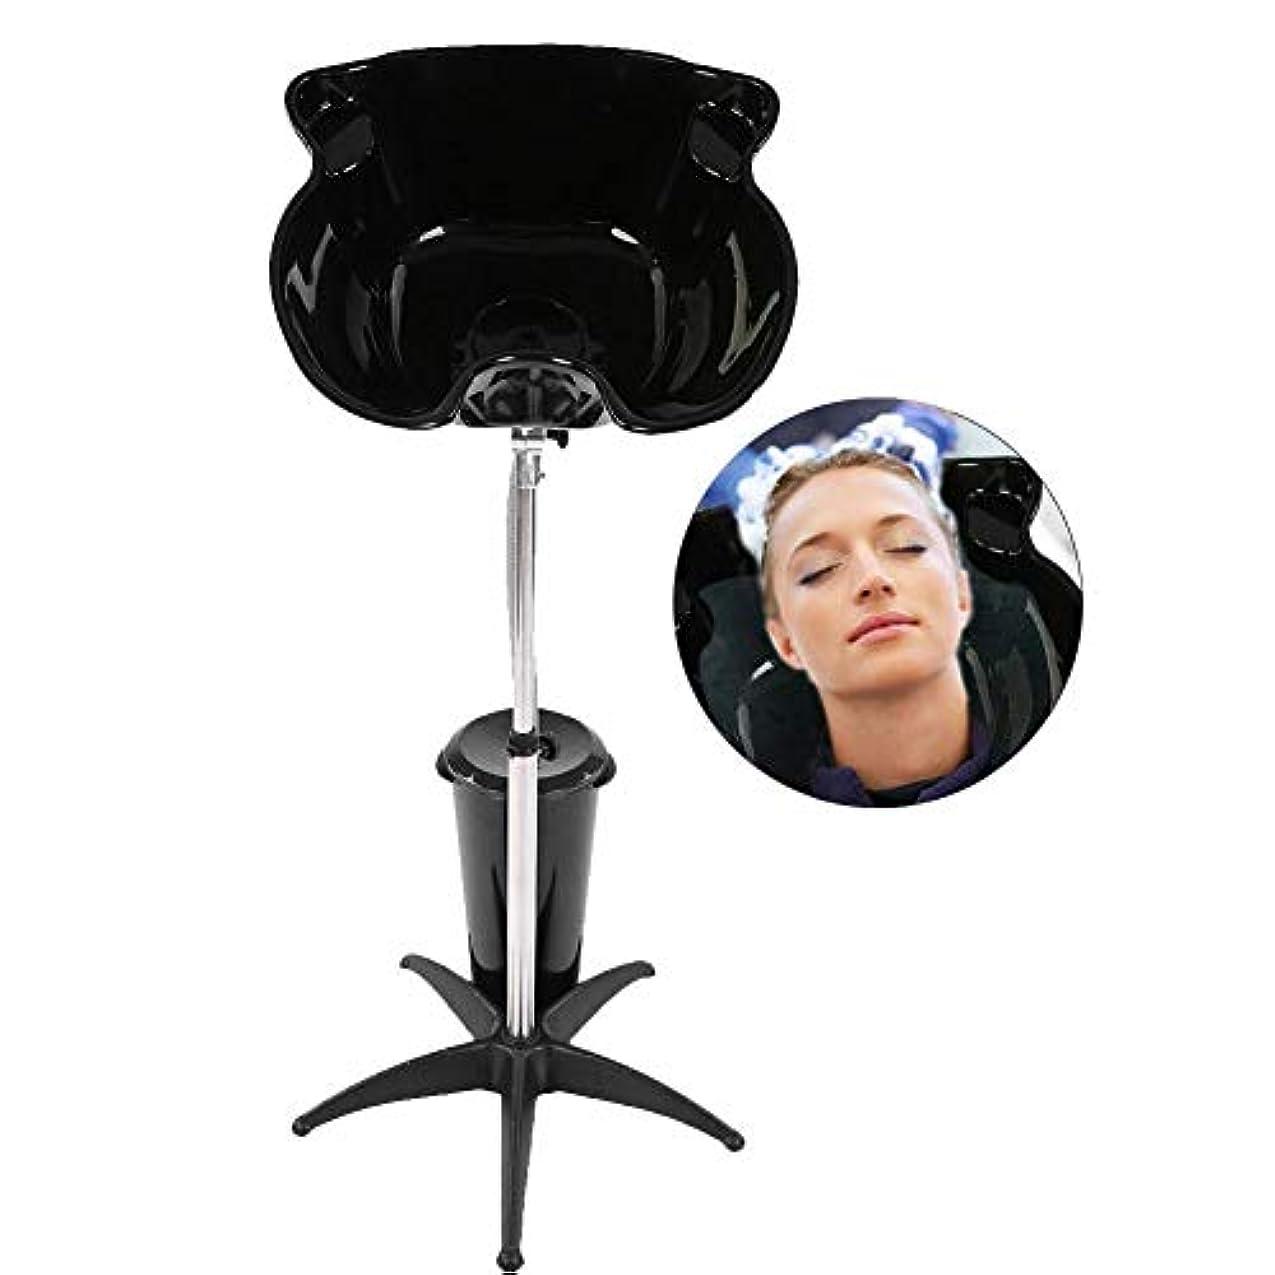 ハシー叫び声脆い水切り付き洗面器、高さ調節可能ステンレススチール理髪店のシンク